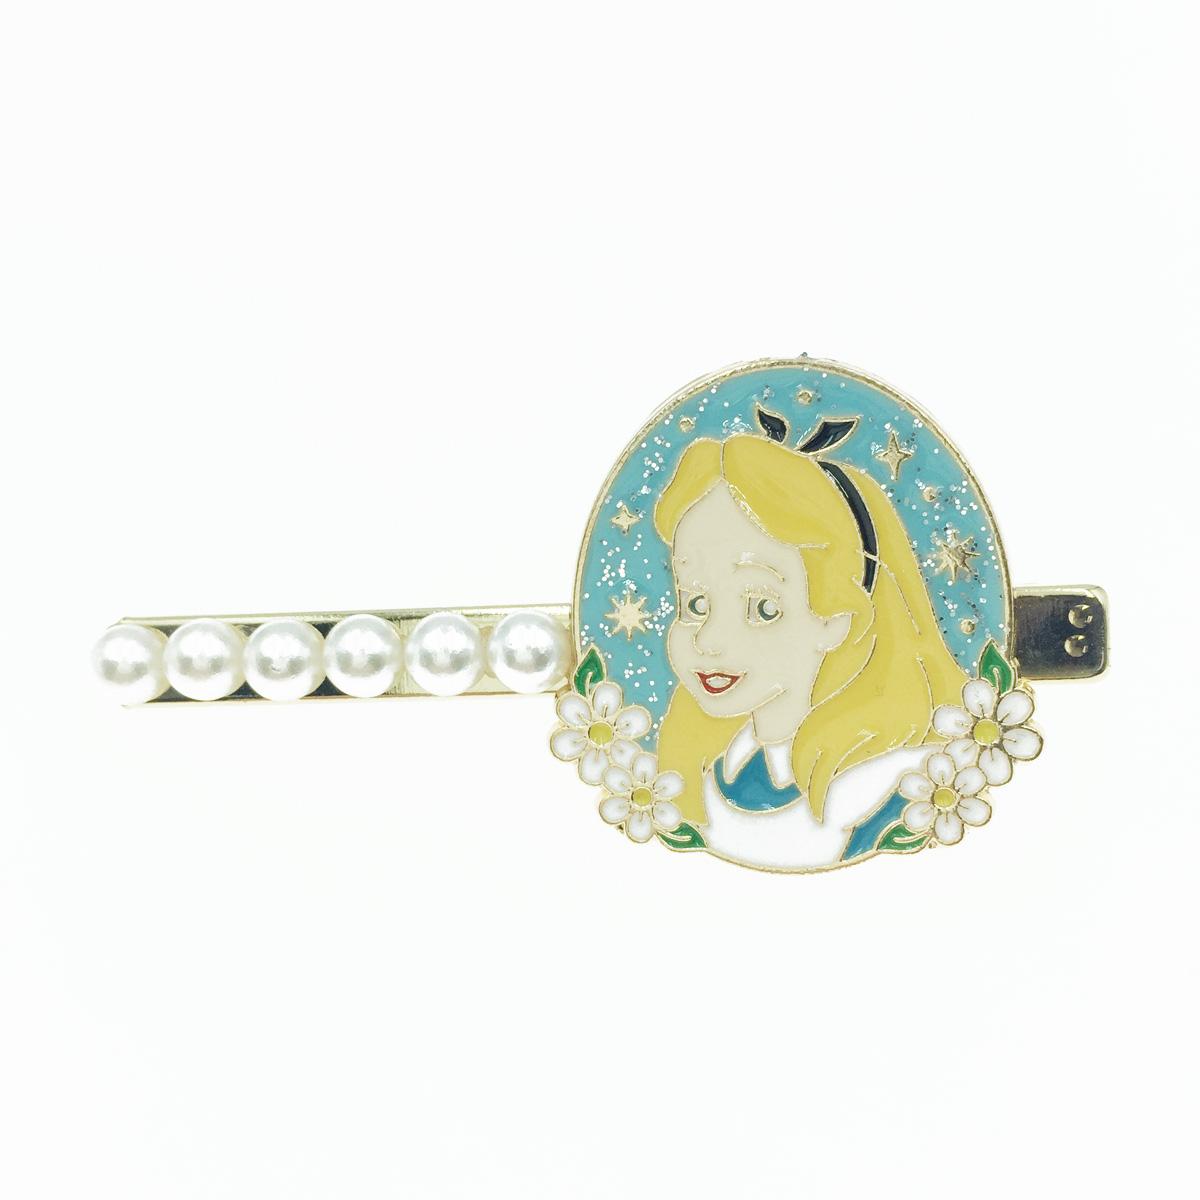 韓國 愛麗絲 童話故事 珍珠 髮飾 髮夾 壓夾